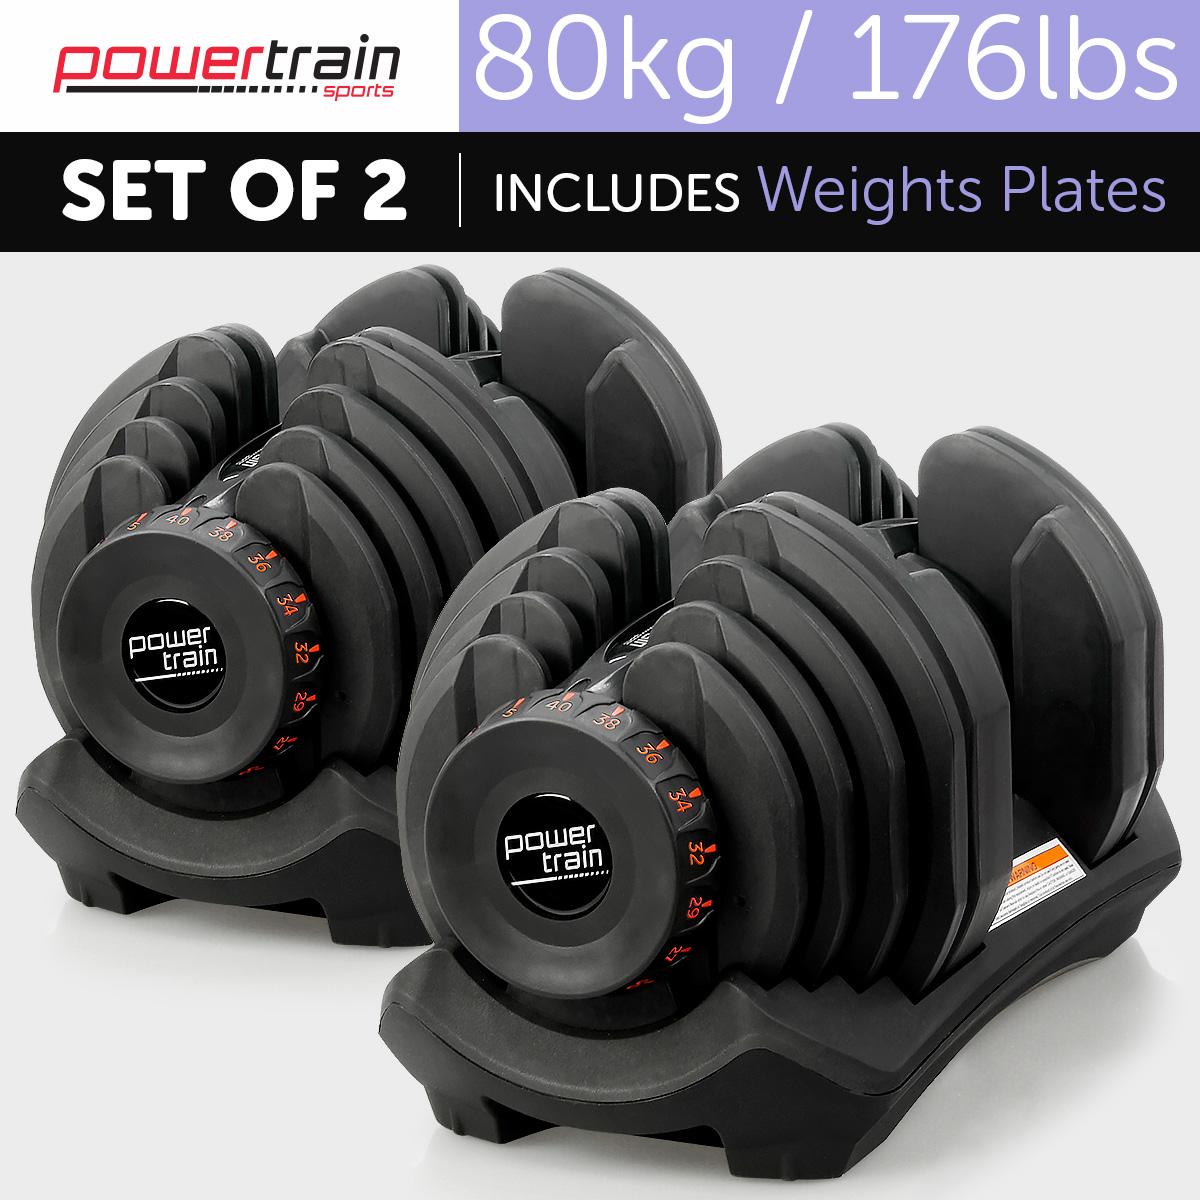 80kg Powertrain Home Gym Adjustable Dumbbell Set